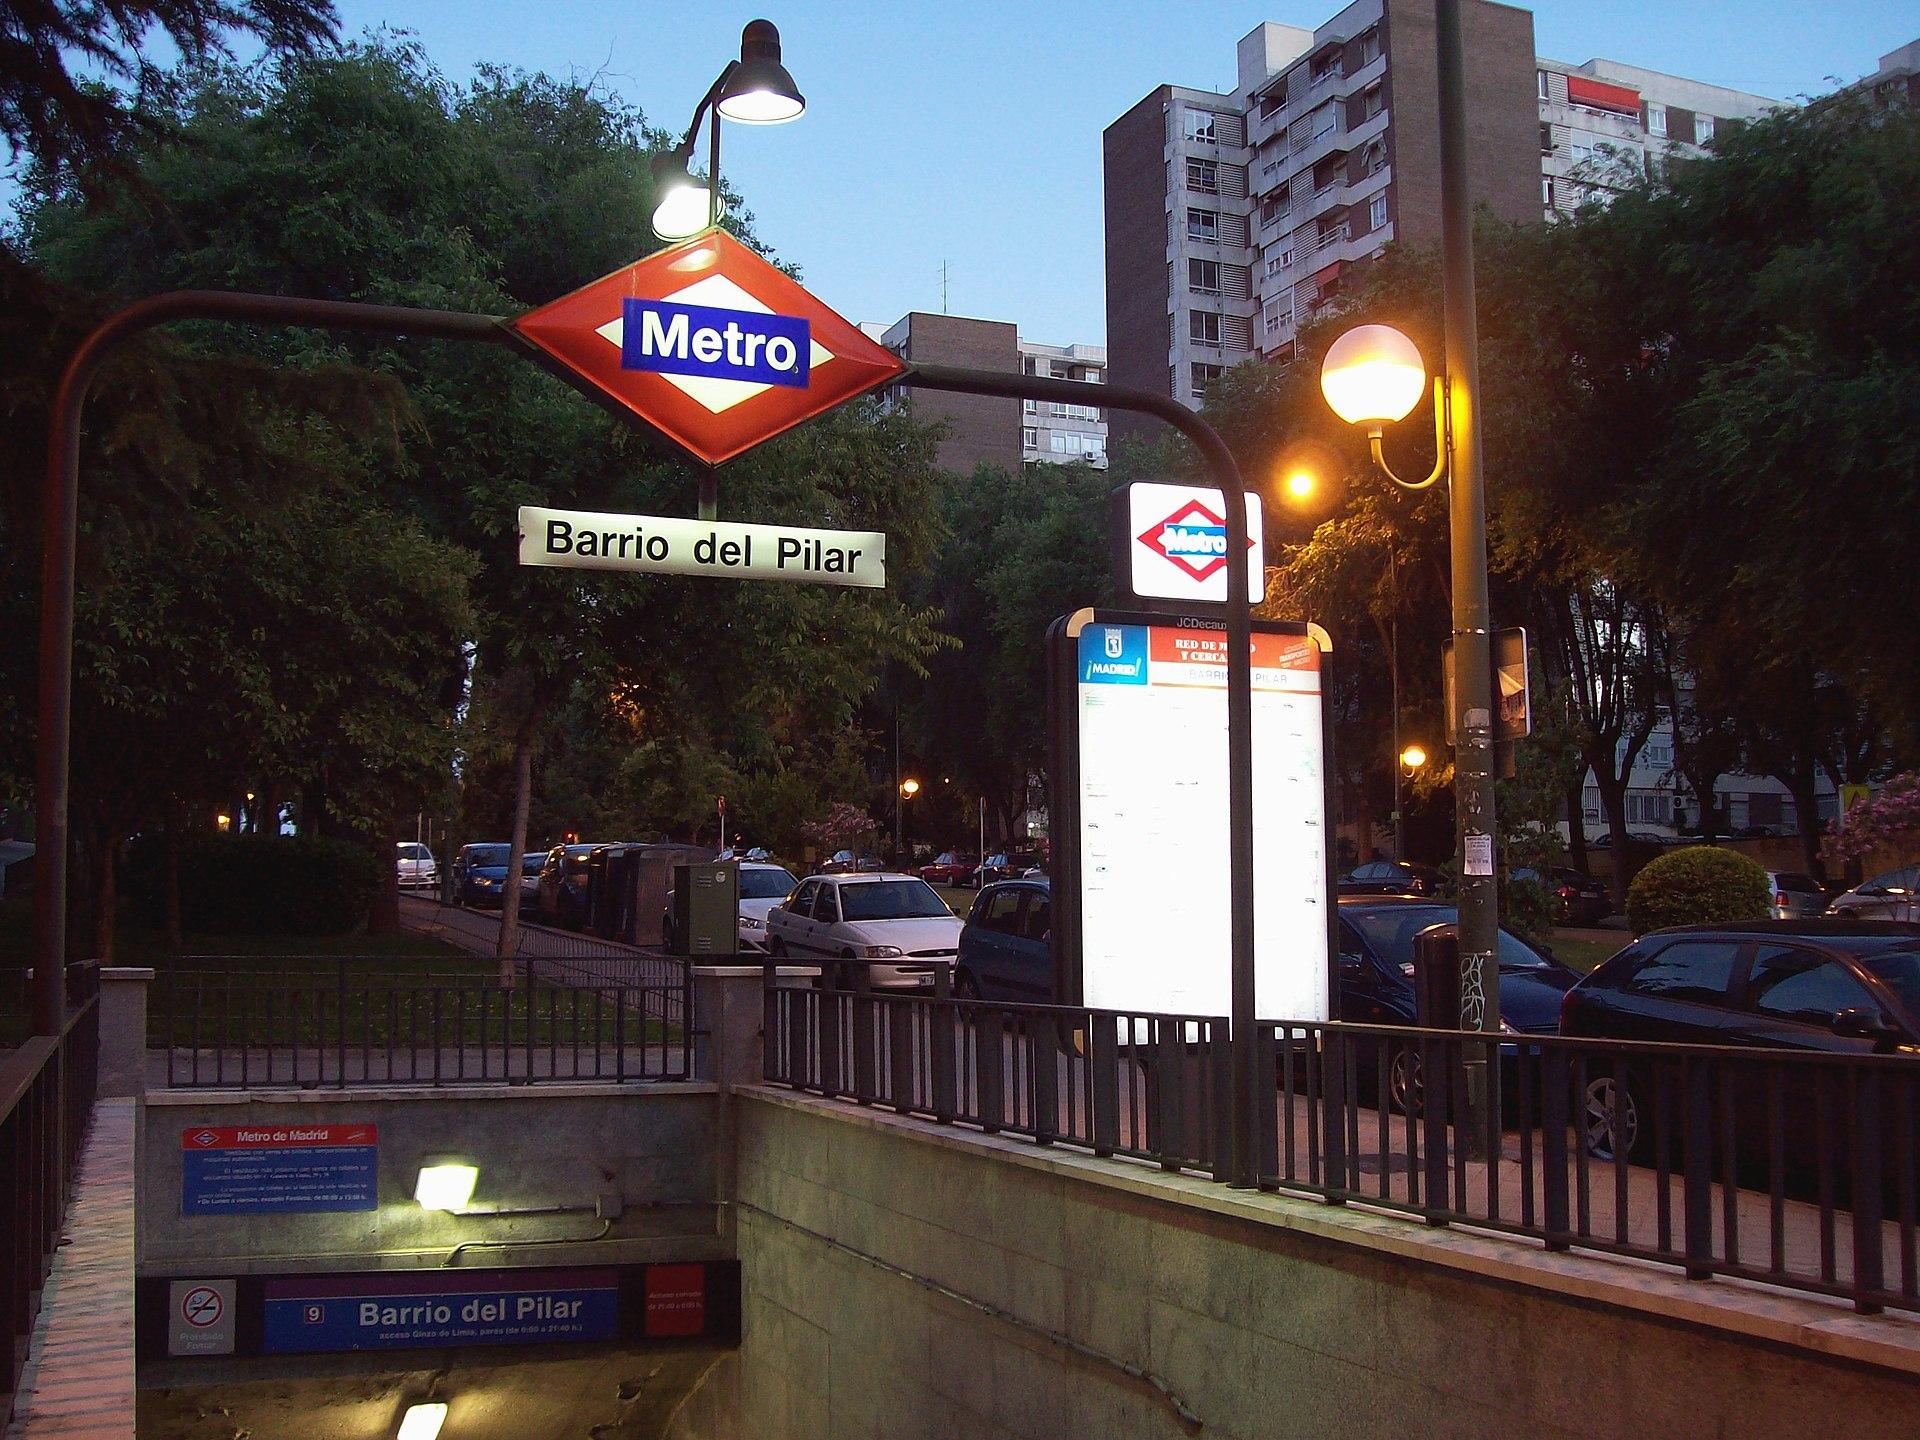 Estaci n de barrio del pilar wikipedia la enciclopedia libre - Alquiler piso barrio del pilar ...